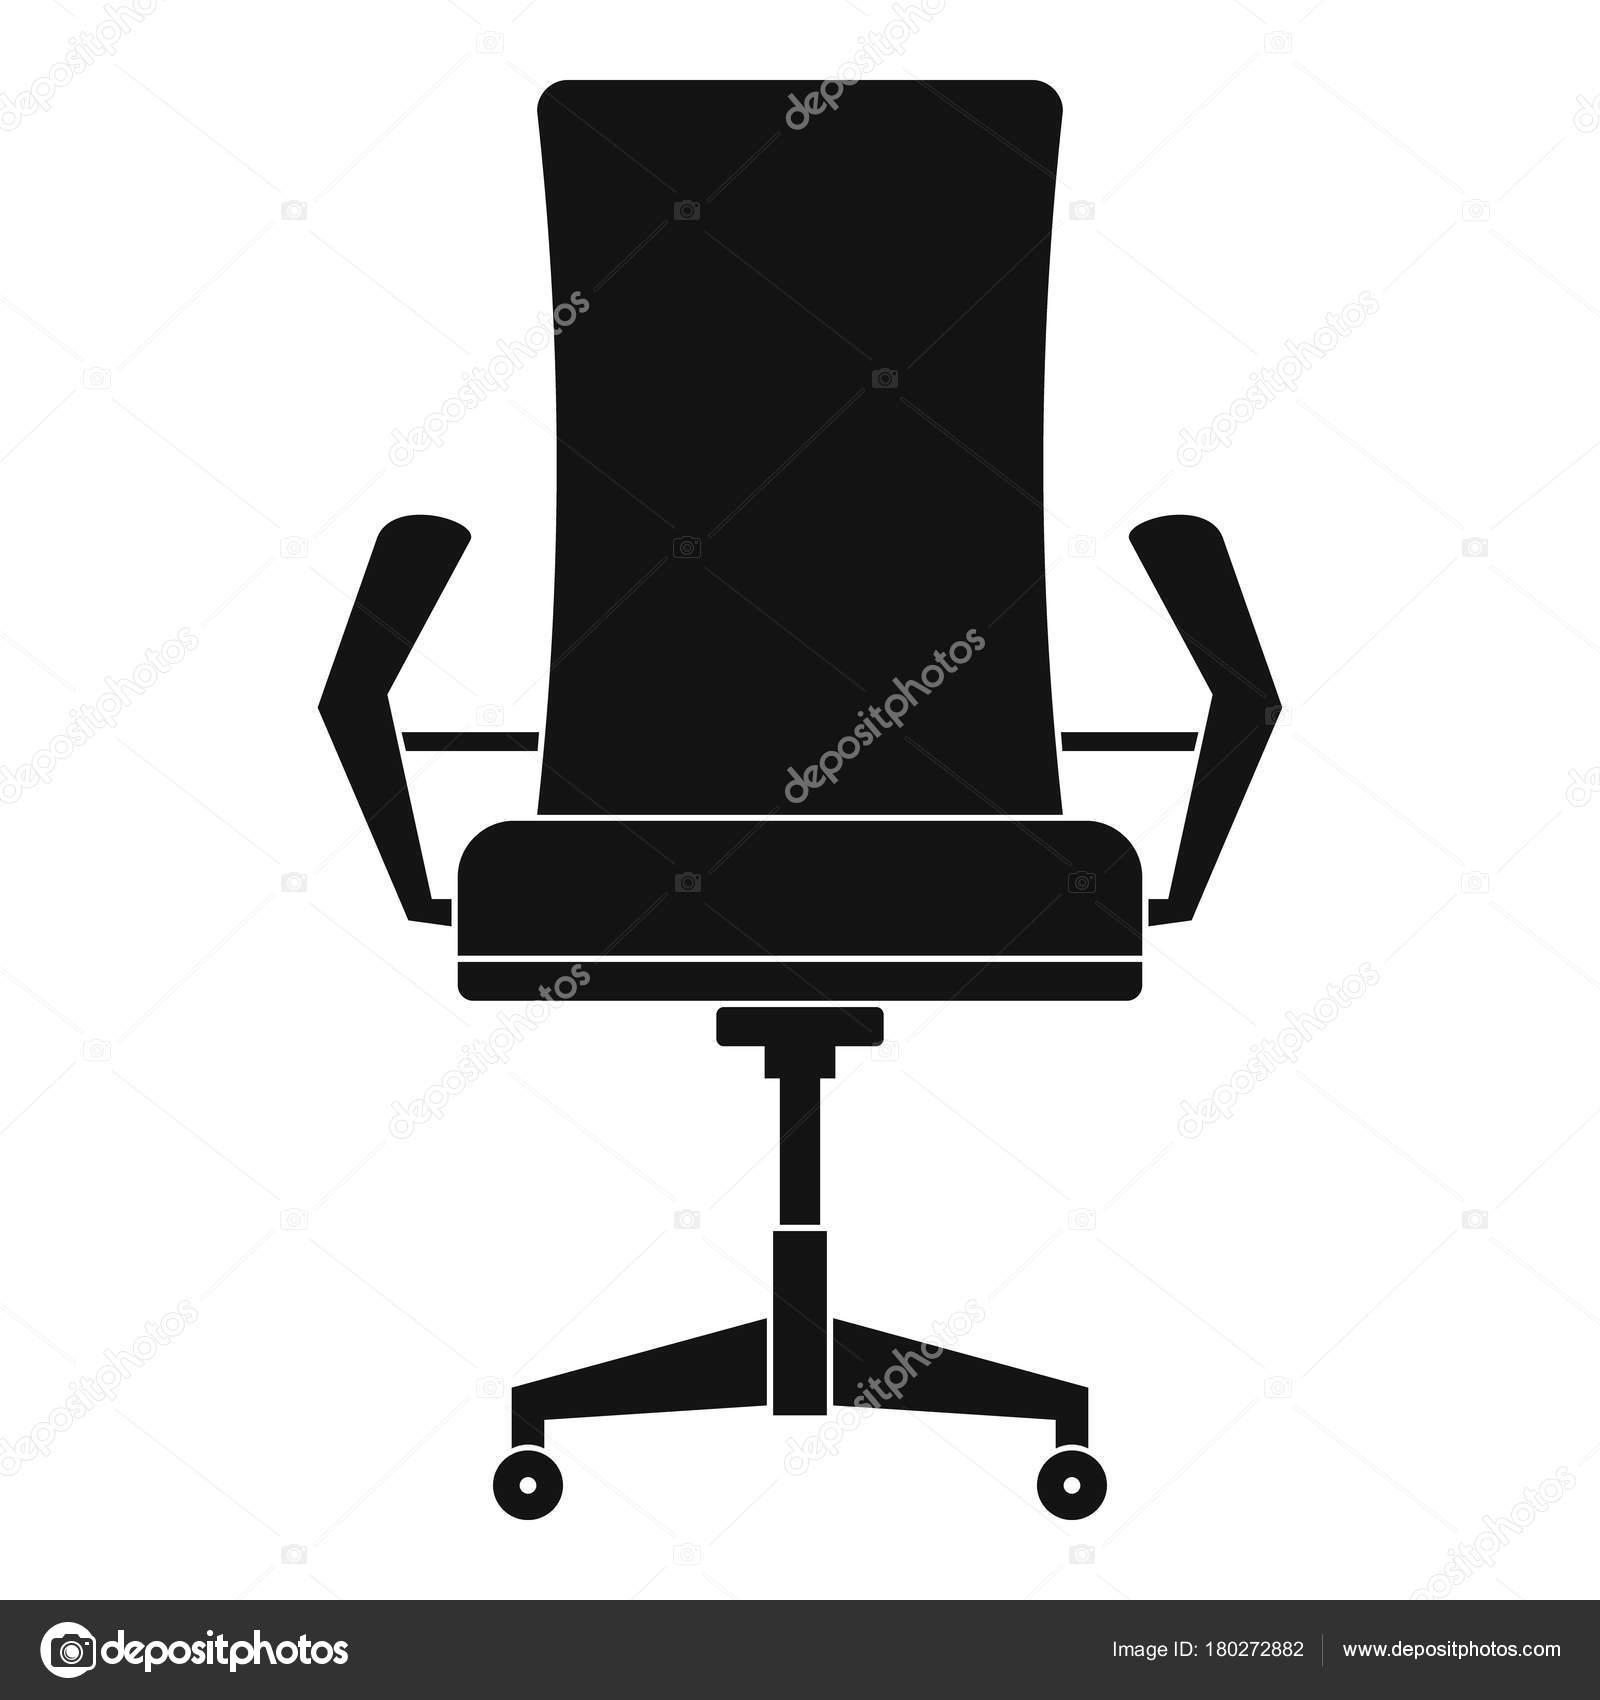 Bequemer Stuhl Elegant Stuhl Blendend Bequemer Stuhl